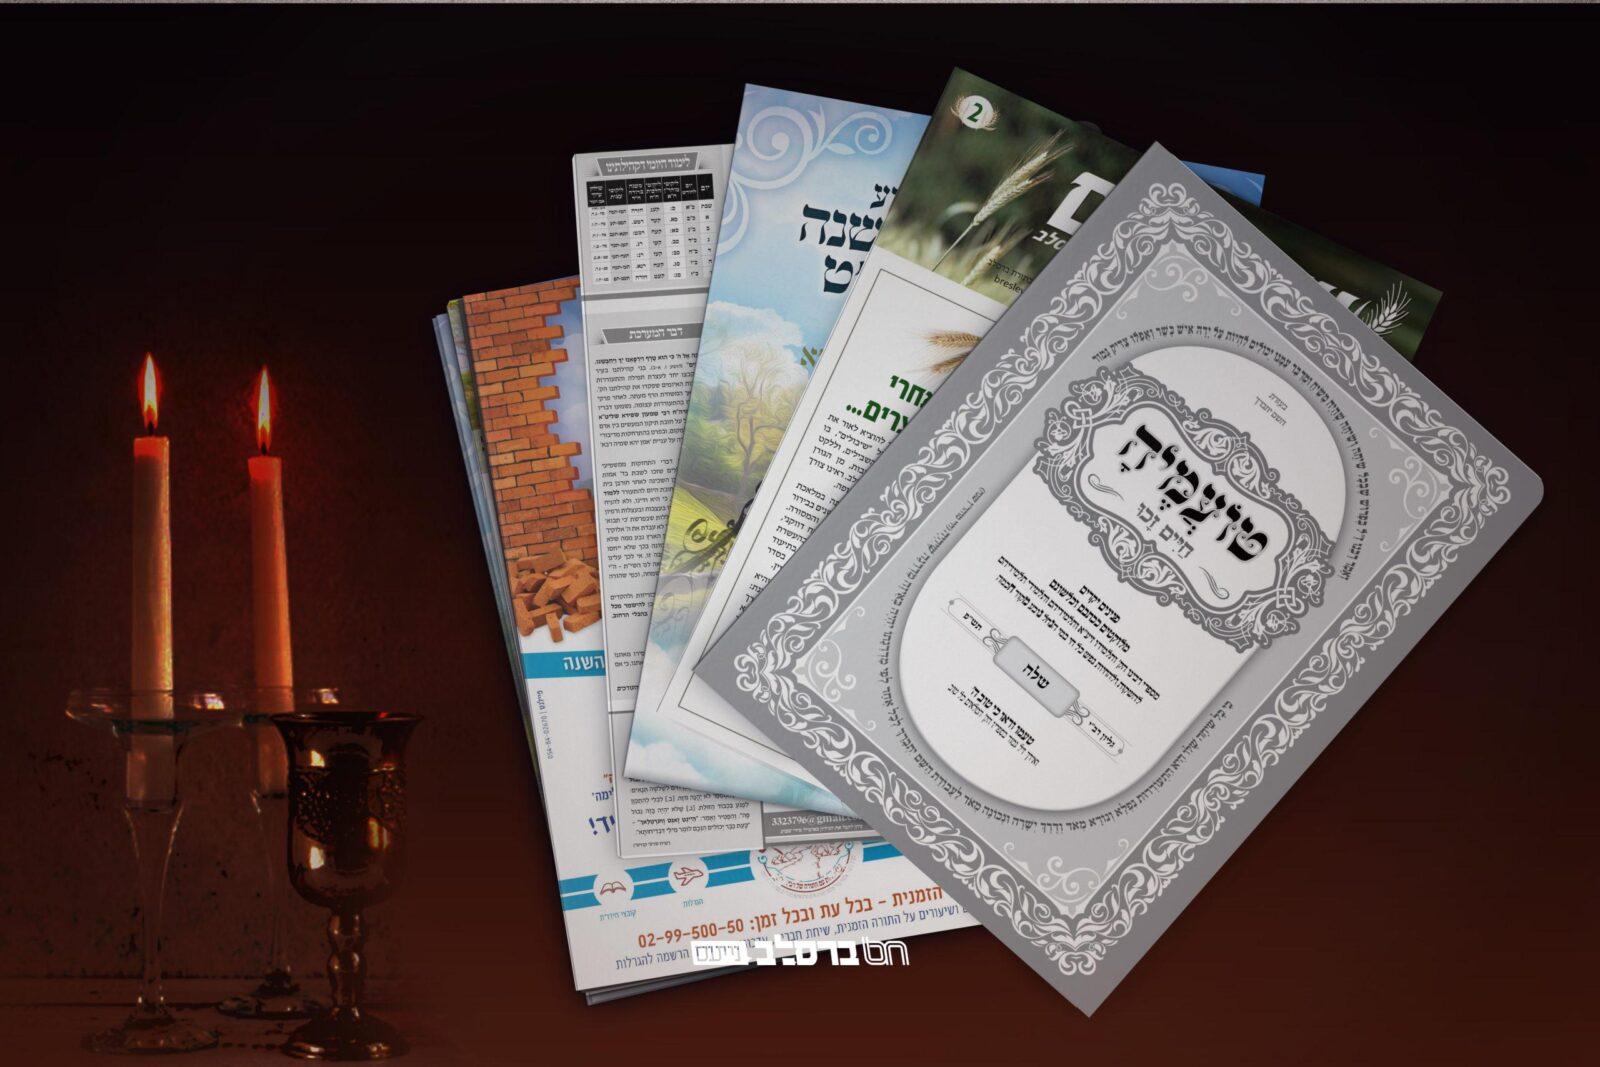 """יתרו תשפ""""א • כותרות ברסלב נייעס • העלונים המובילים • לוח המודעות של ברסלב • לצפיה והורדה"""